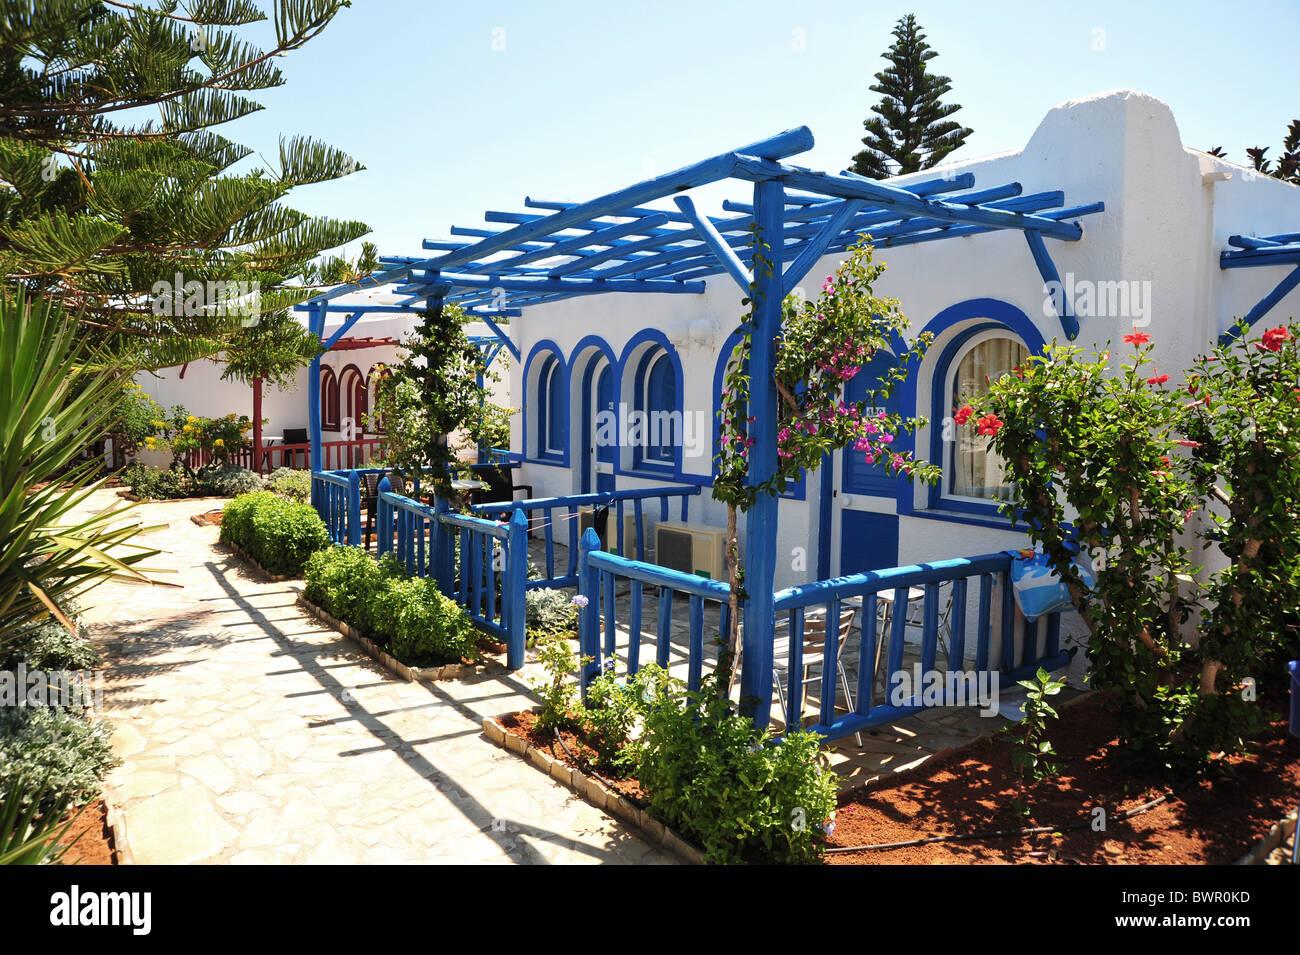 Bungalow style holiday hotel accomodation - Crete, Greece - Stock Image